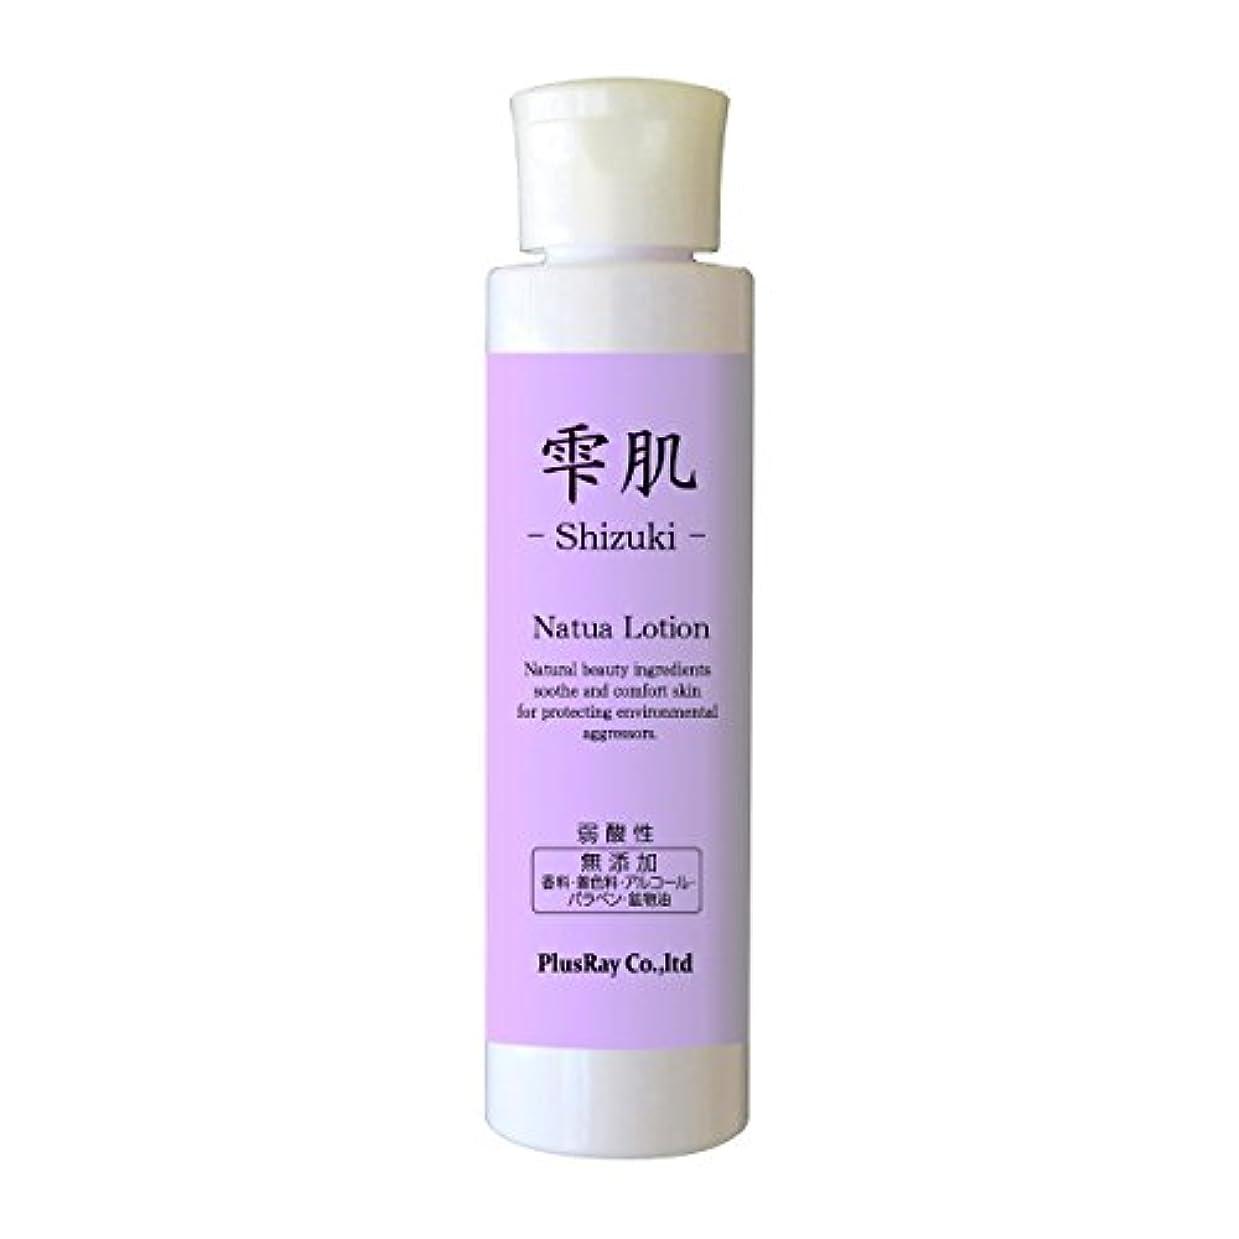 出身地効率的に方法プラスレイ(PlusRay)化粧品 ナチュアローション 雫肌 しづき アズレン 化粧水